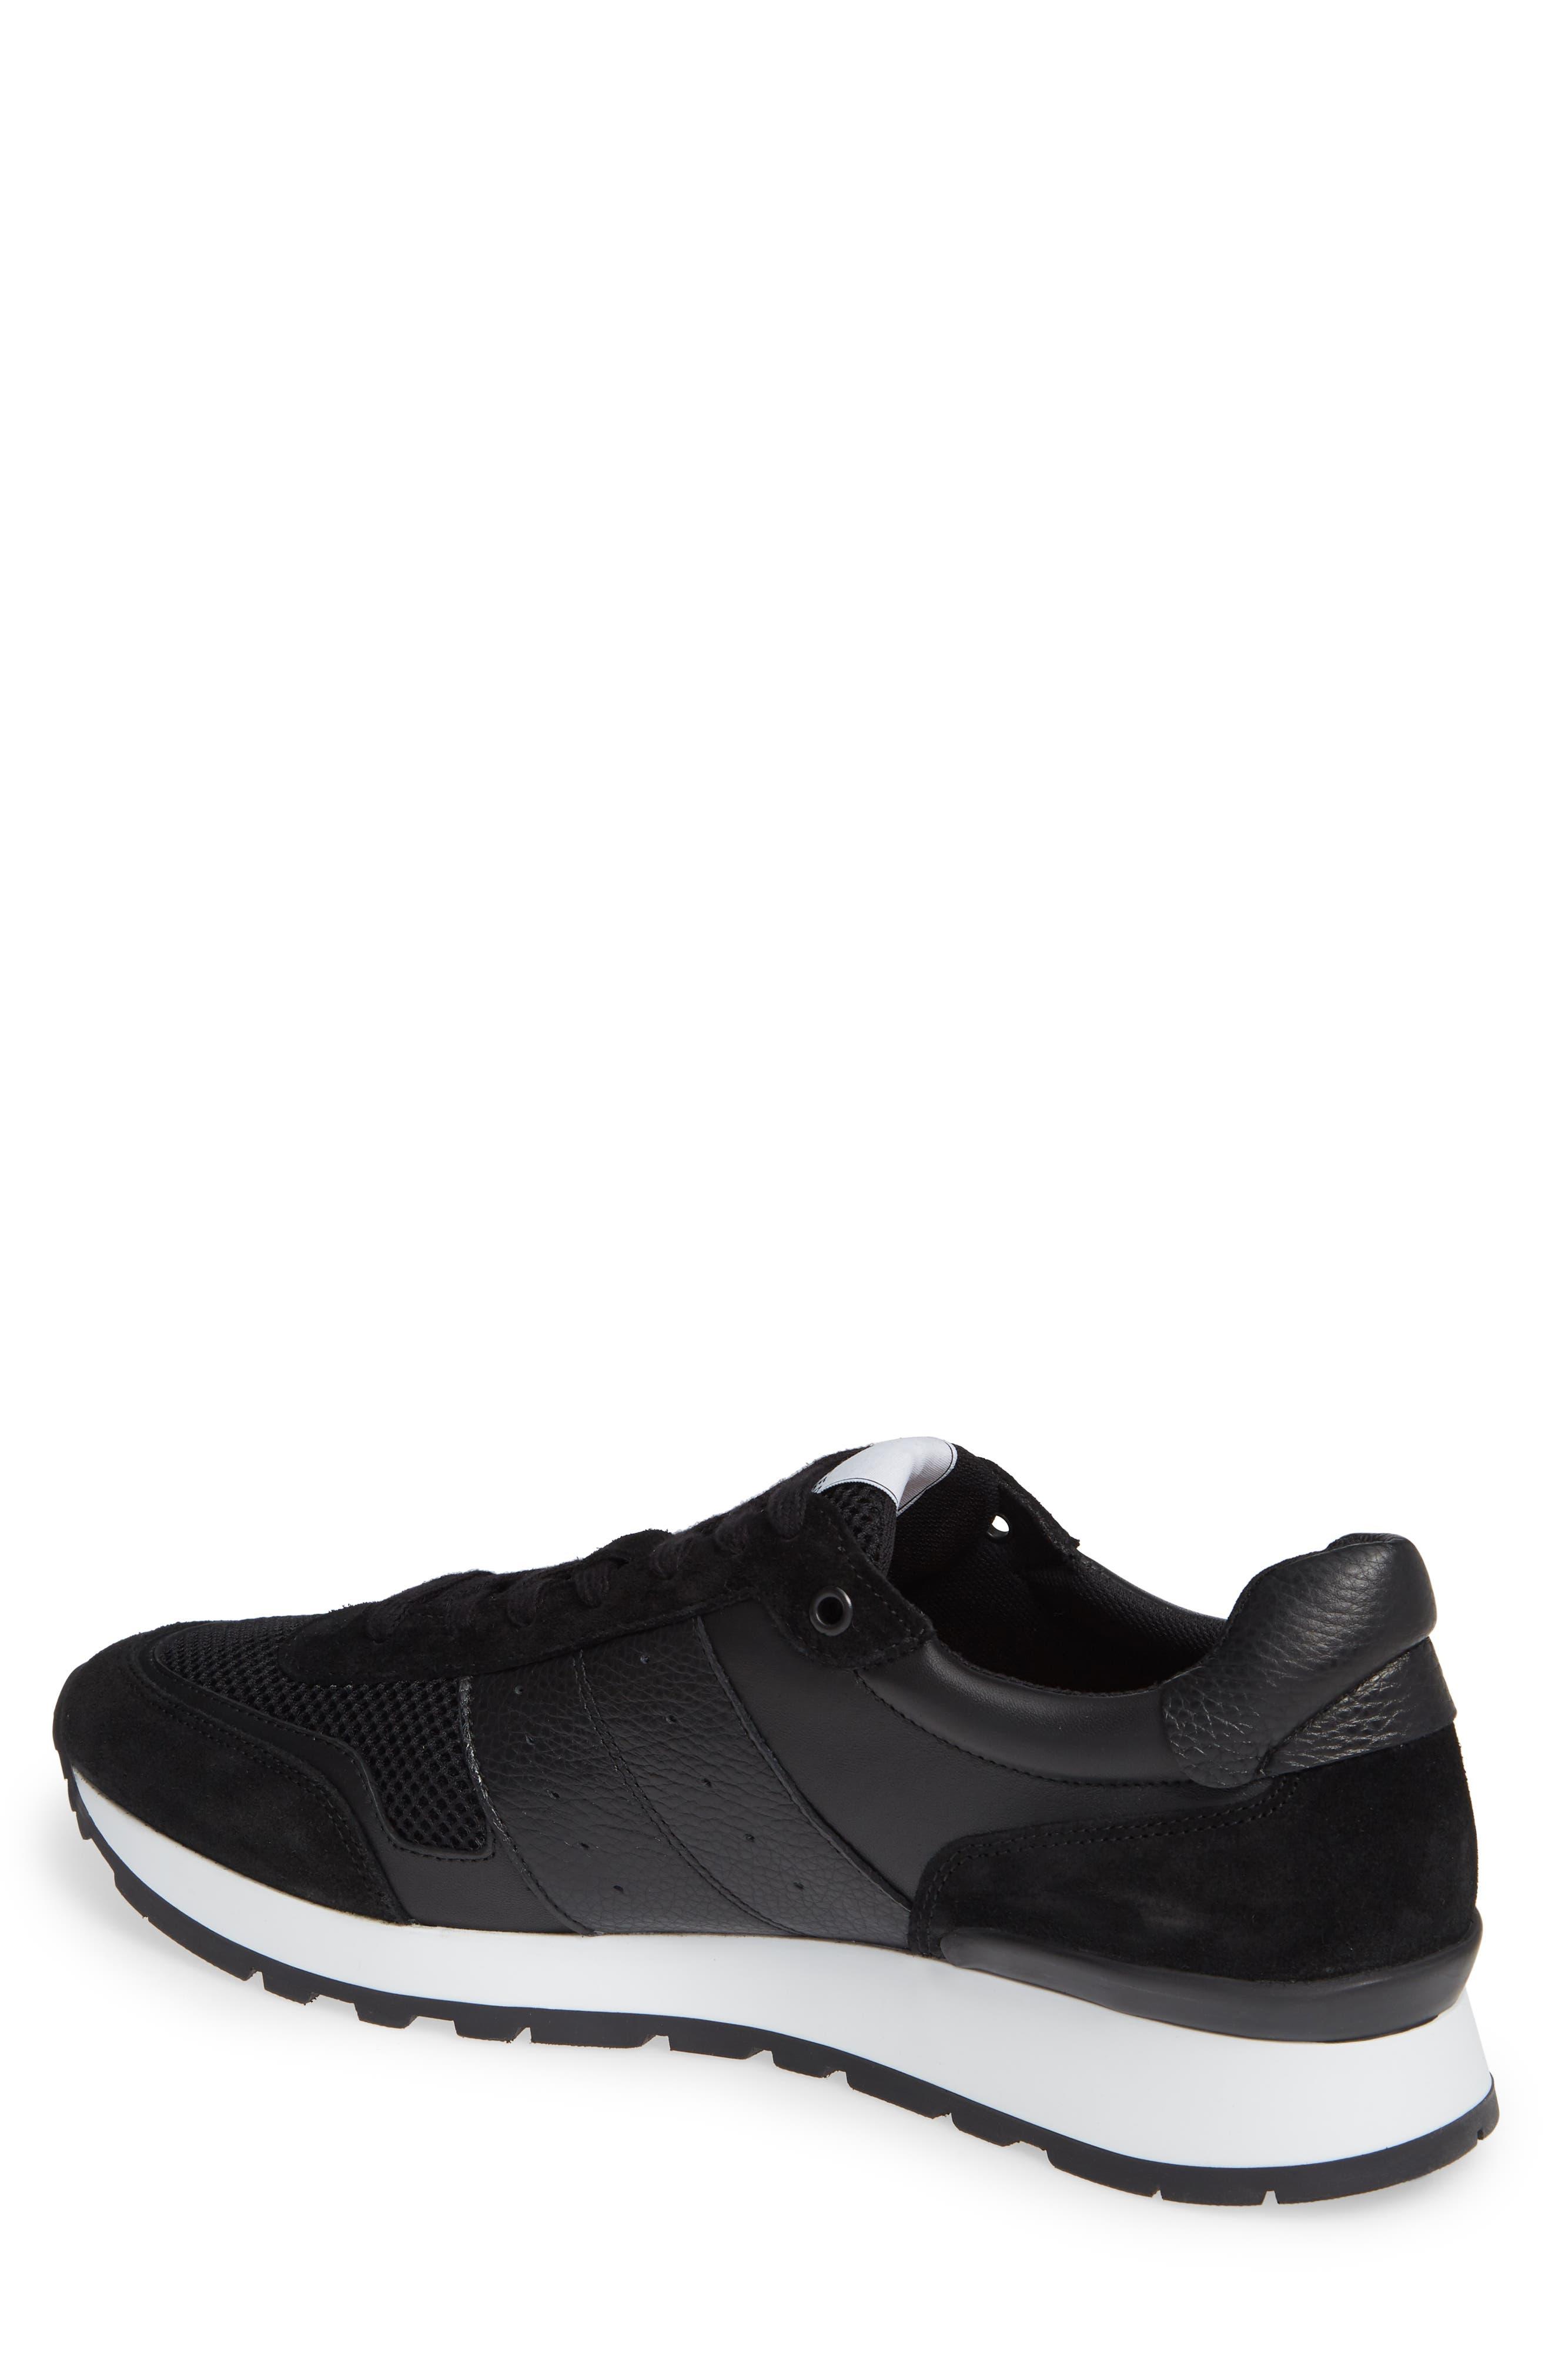 Frank Mix Runner Sneaker,                             Alternate thumbnail 2, color,                             BLACK